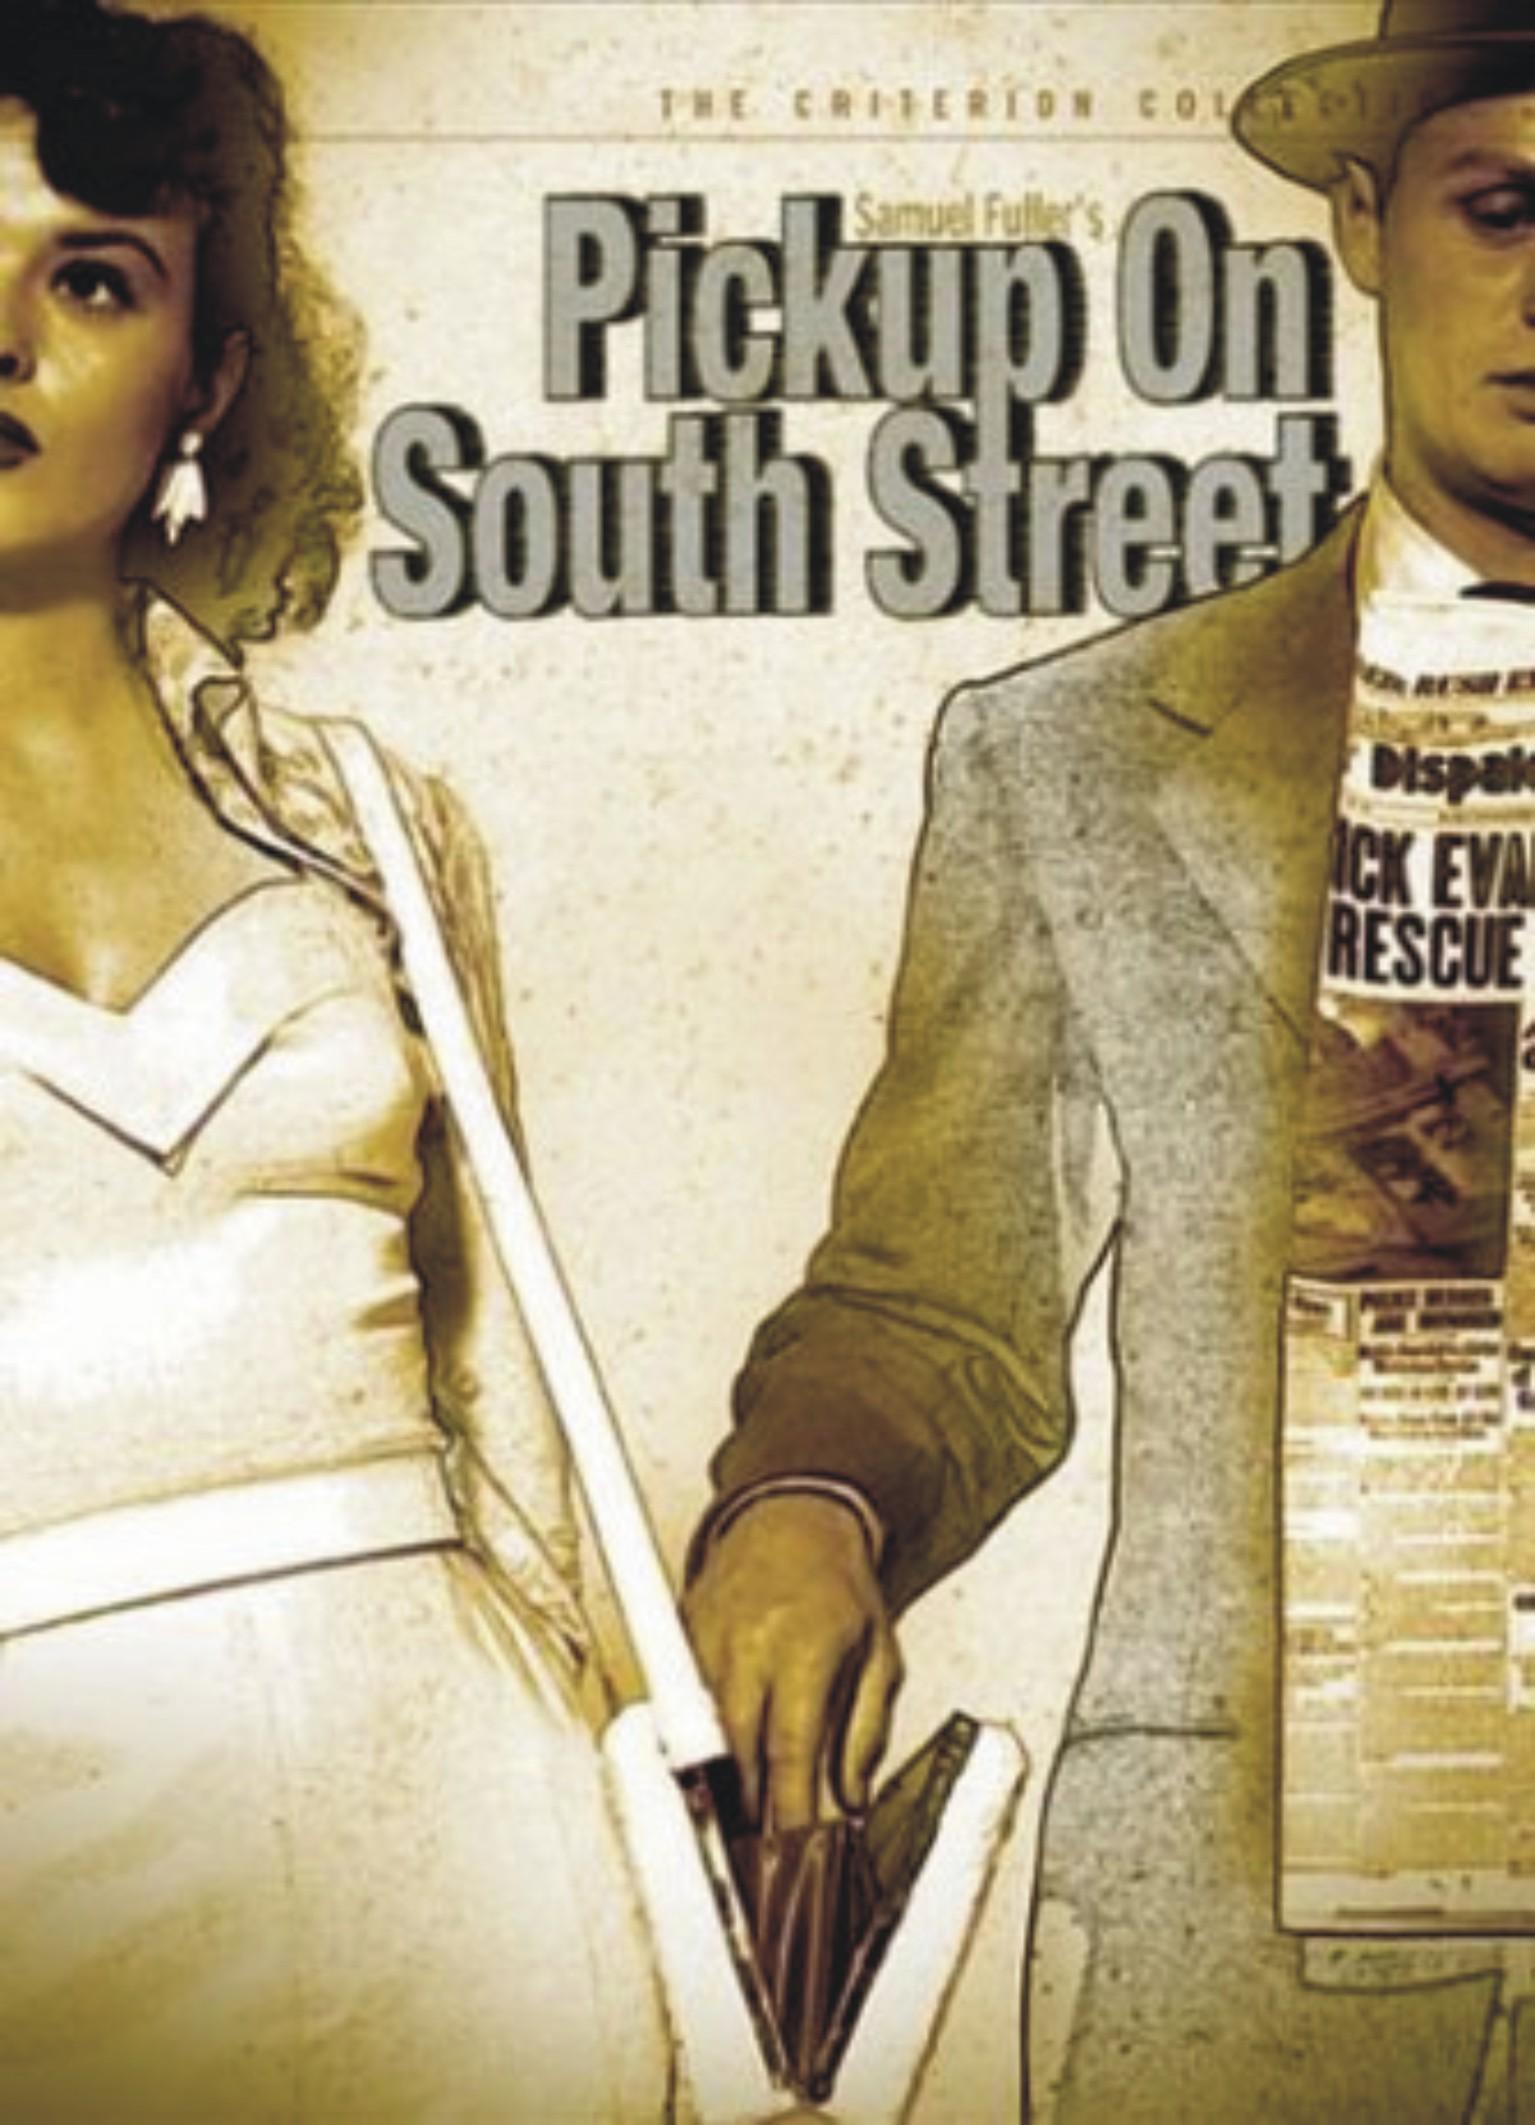 جیب بر خیابان جنوب (ریچارد ویدمارک)